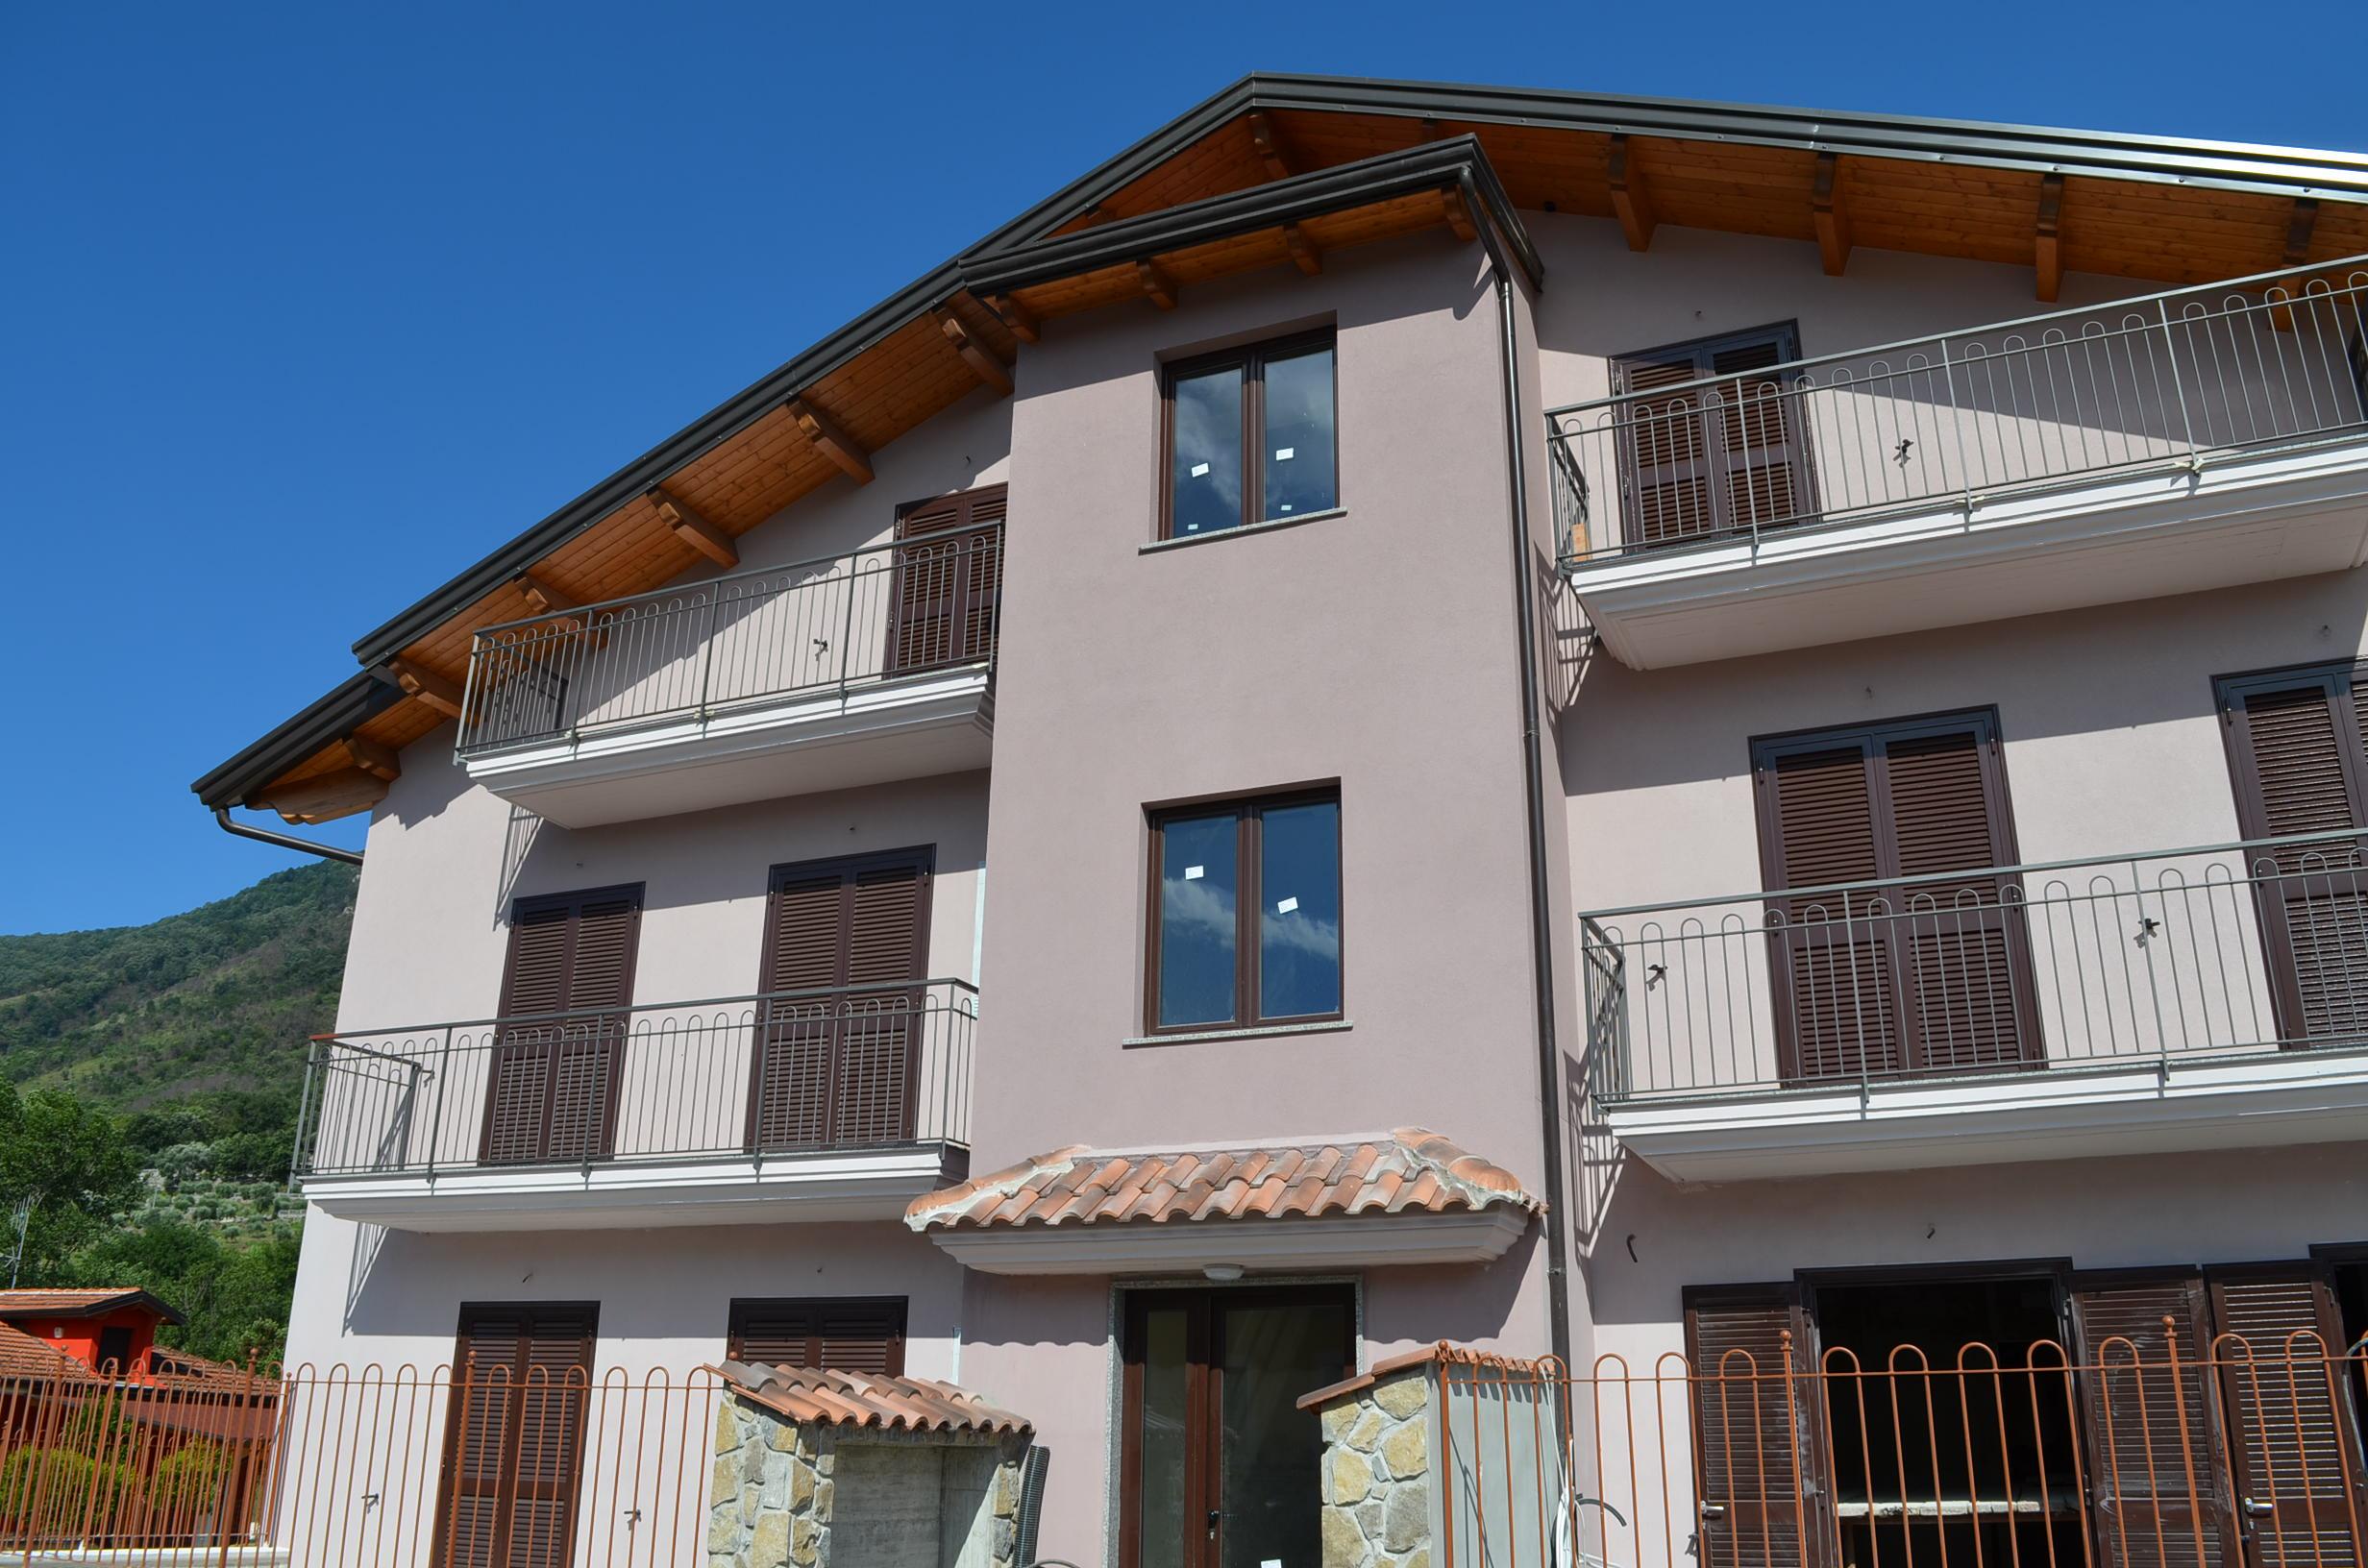 Bilocale a pochi km da Mercato San Severino e Baronissi nuova costruzione